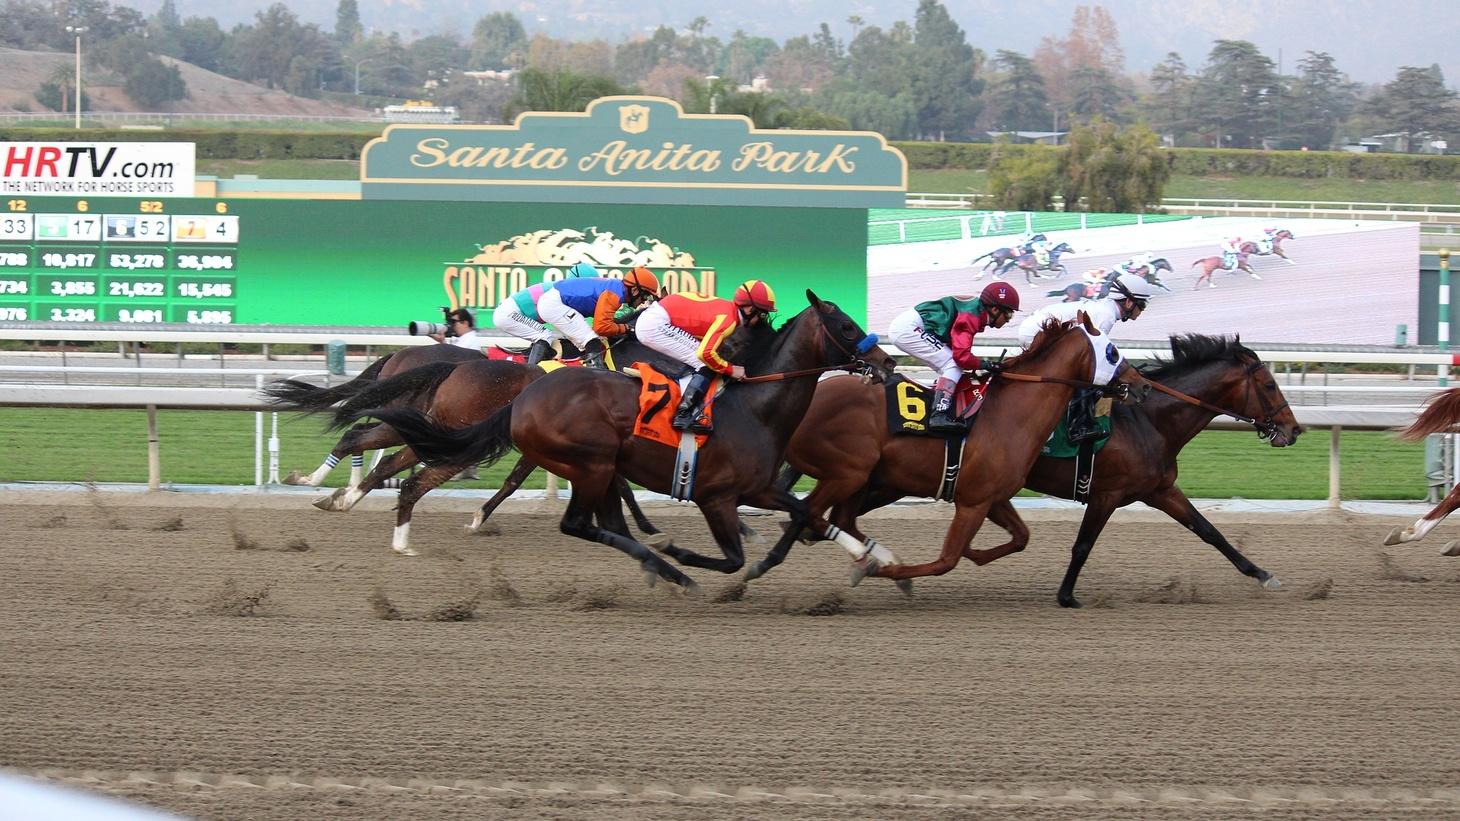 Horse racing at Santa Anita Park.